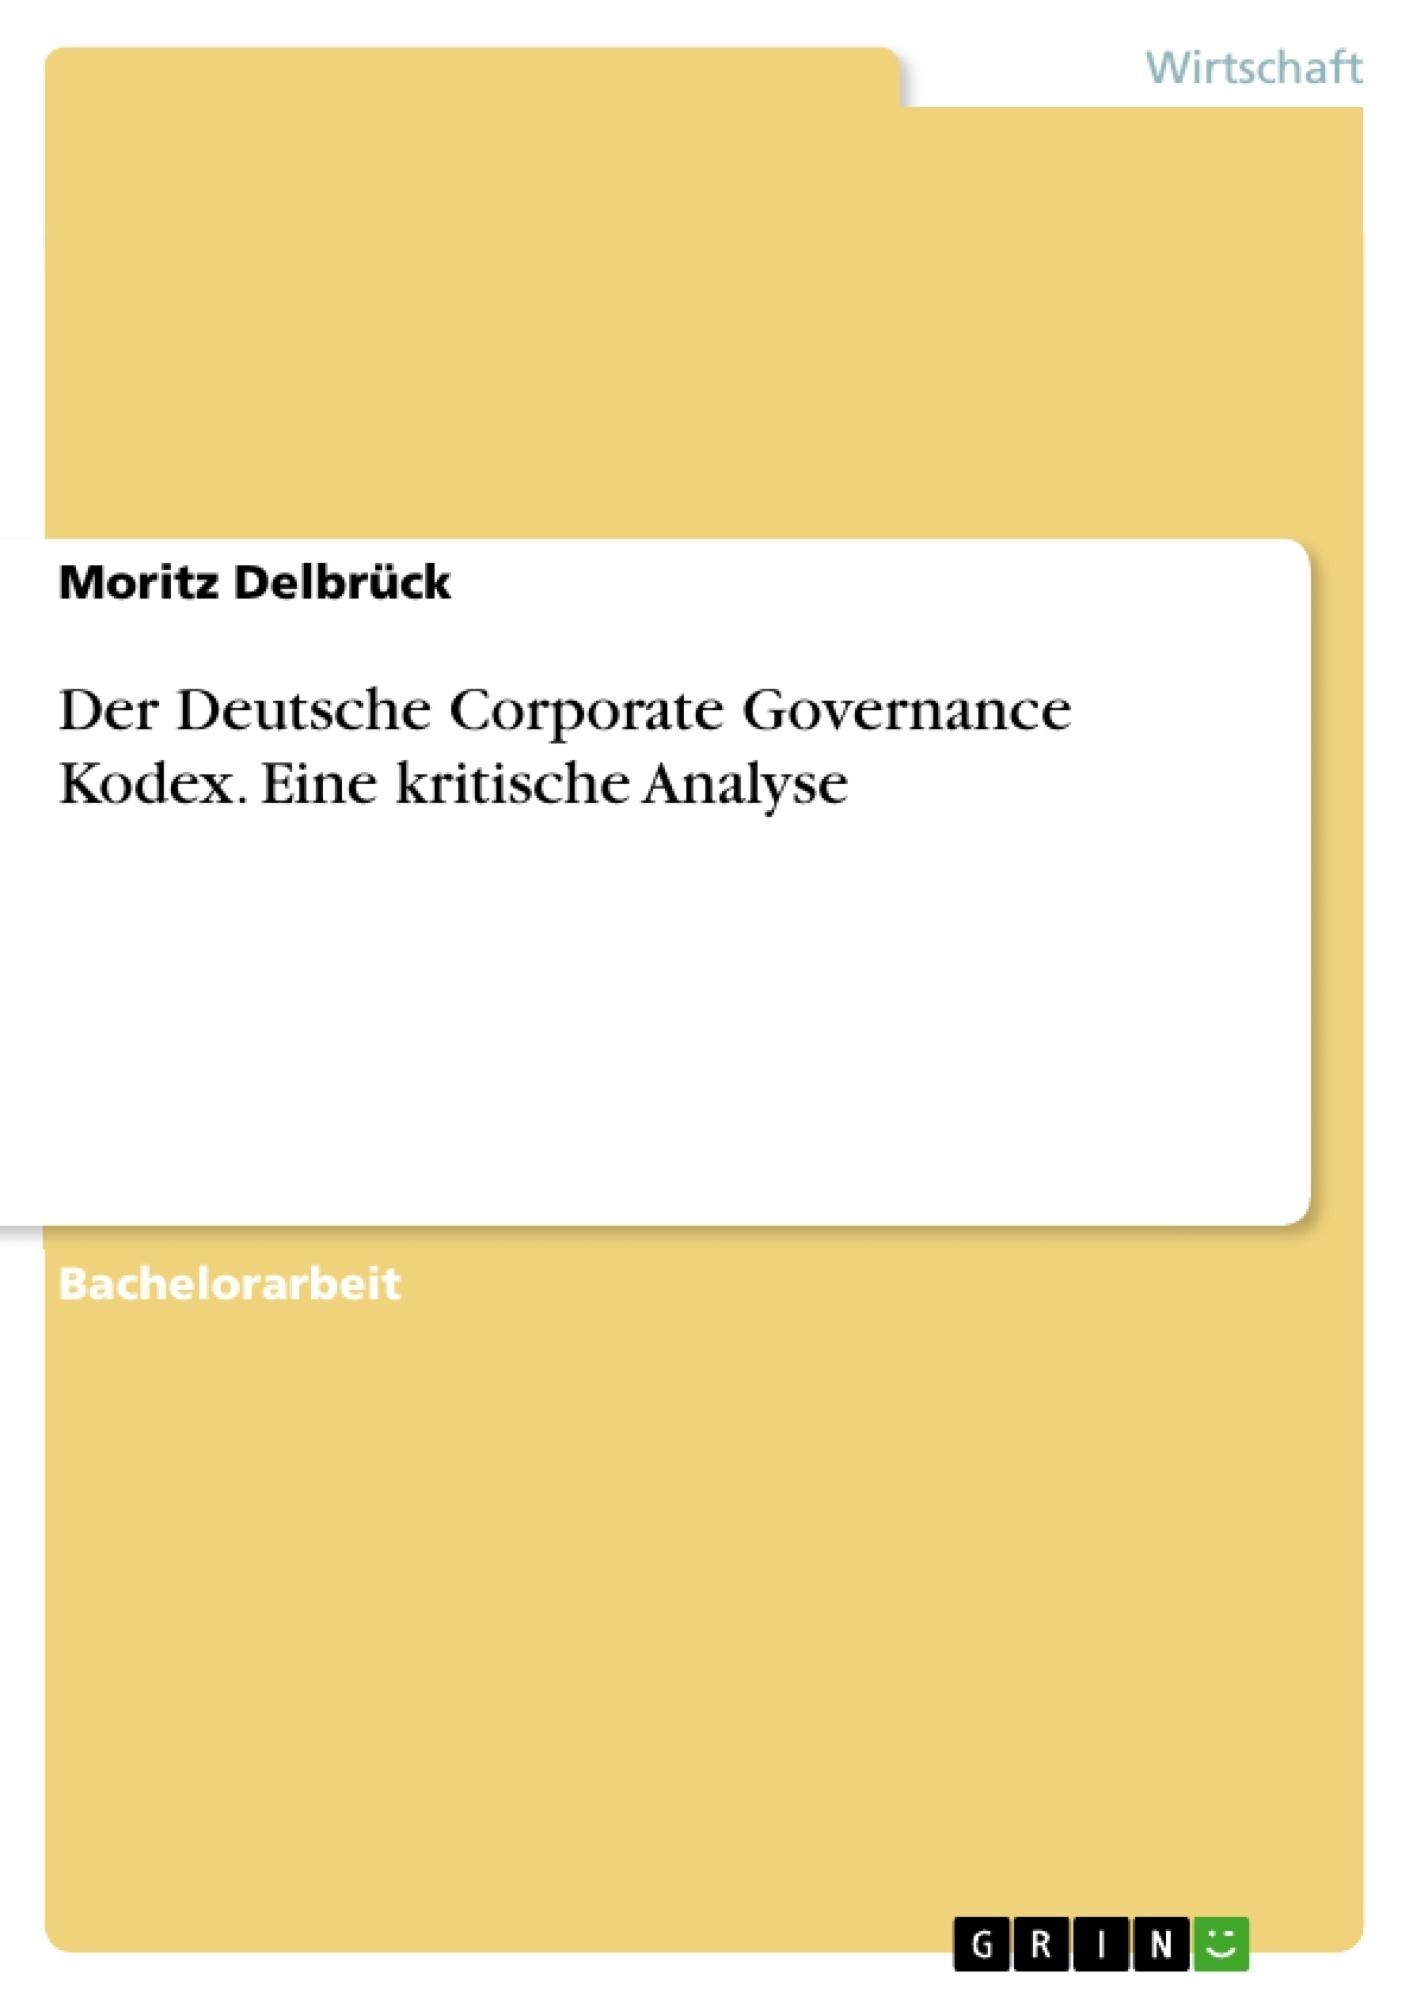 Titel: Der Deutsche Corporate Governance Kodex. Eine kritische Analyse